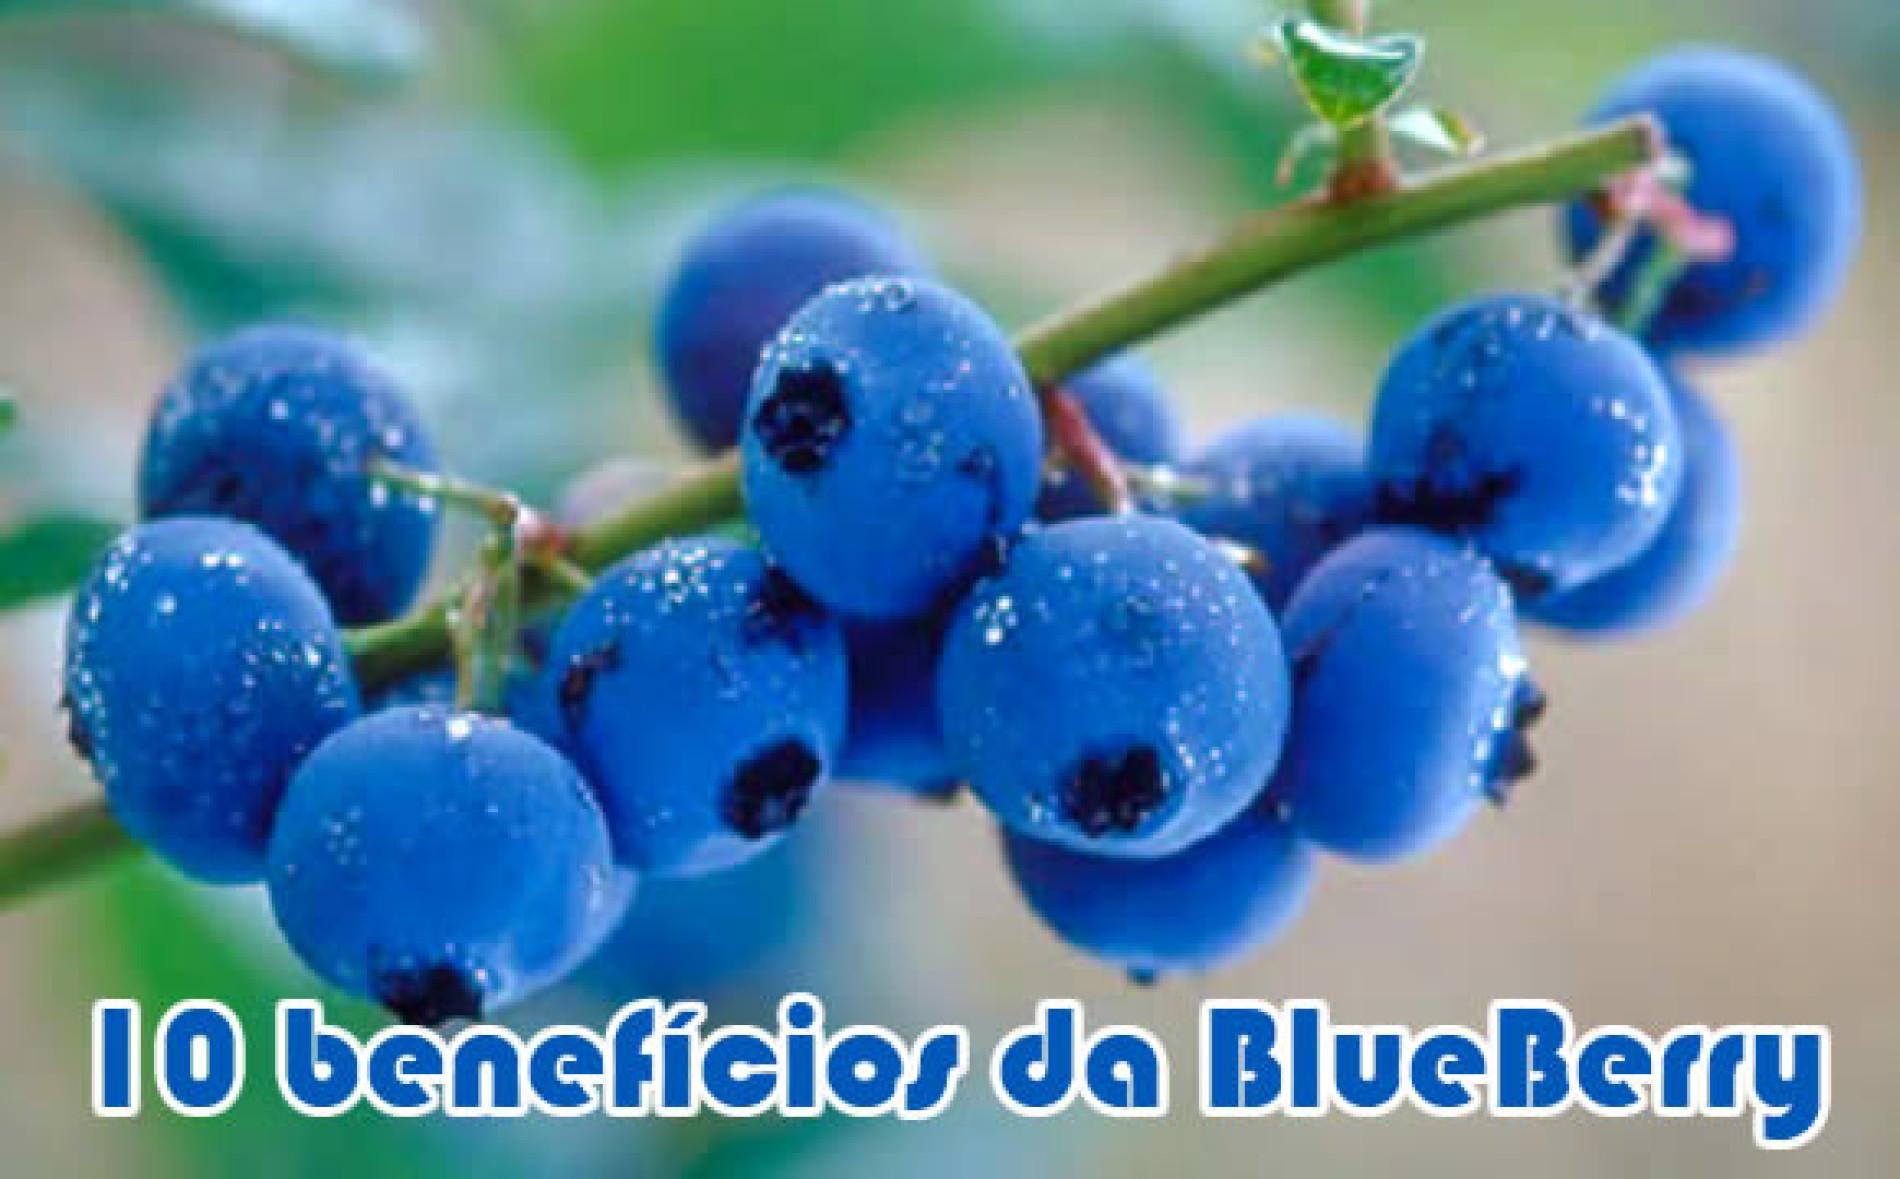 10 benefícios da blueberry e como é boa para emagrecer